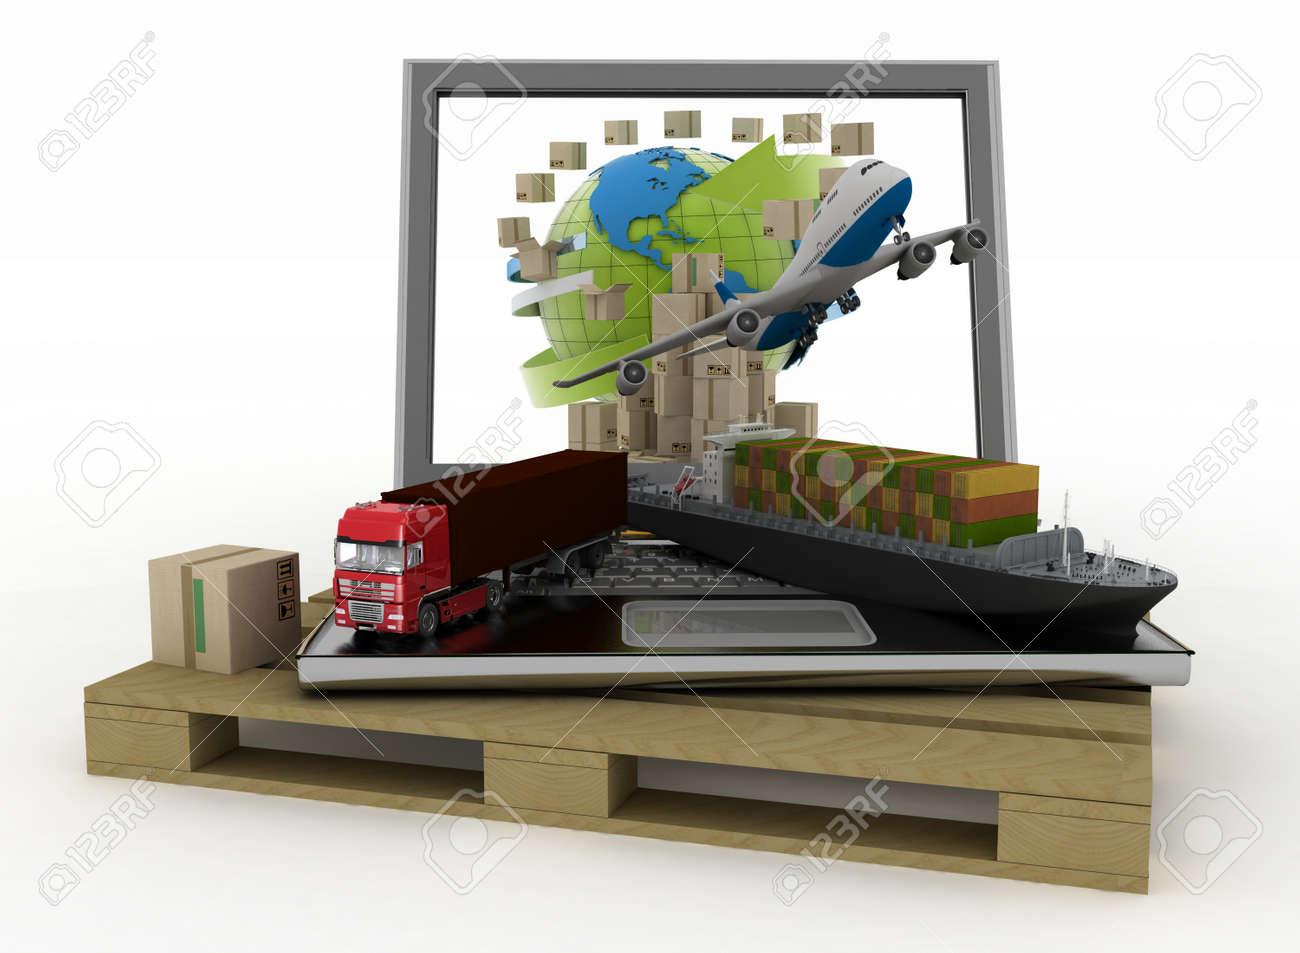 ordinateur portable avec cargo, camion, avion et boîtes autour de